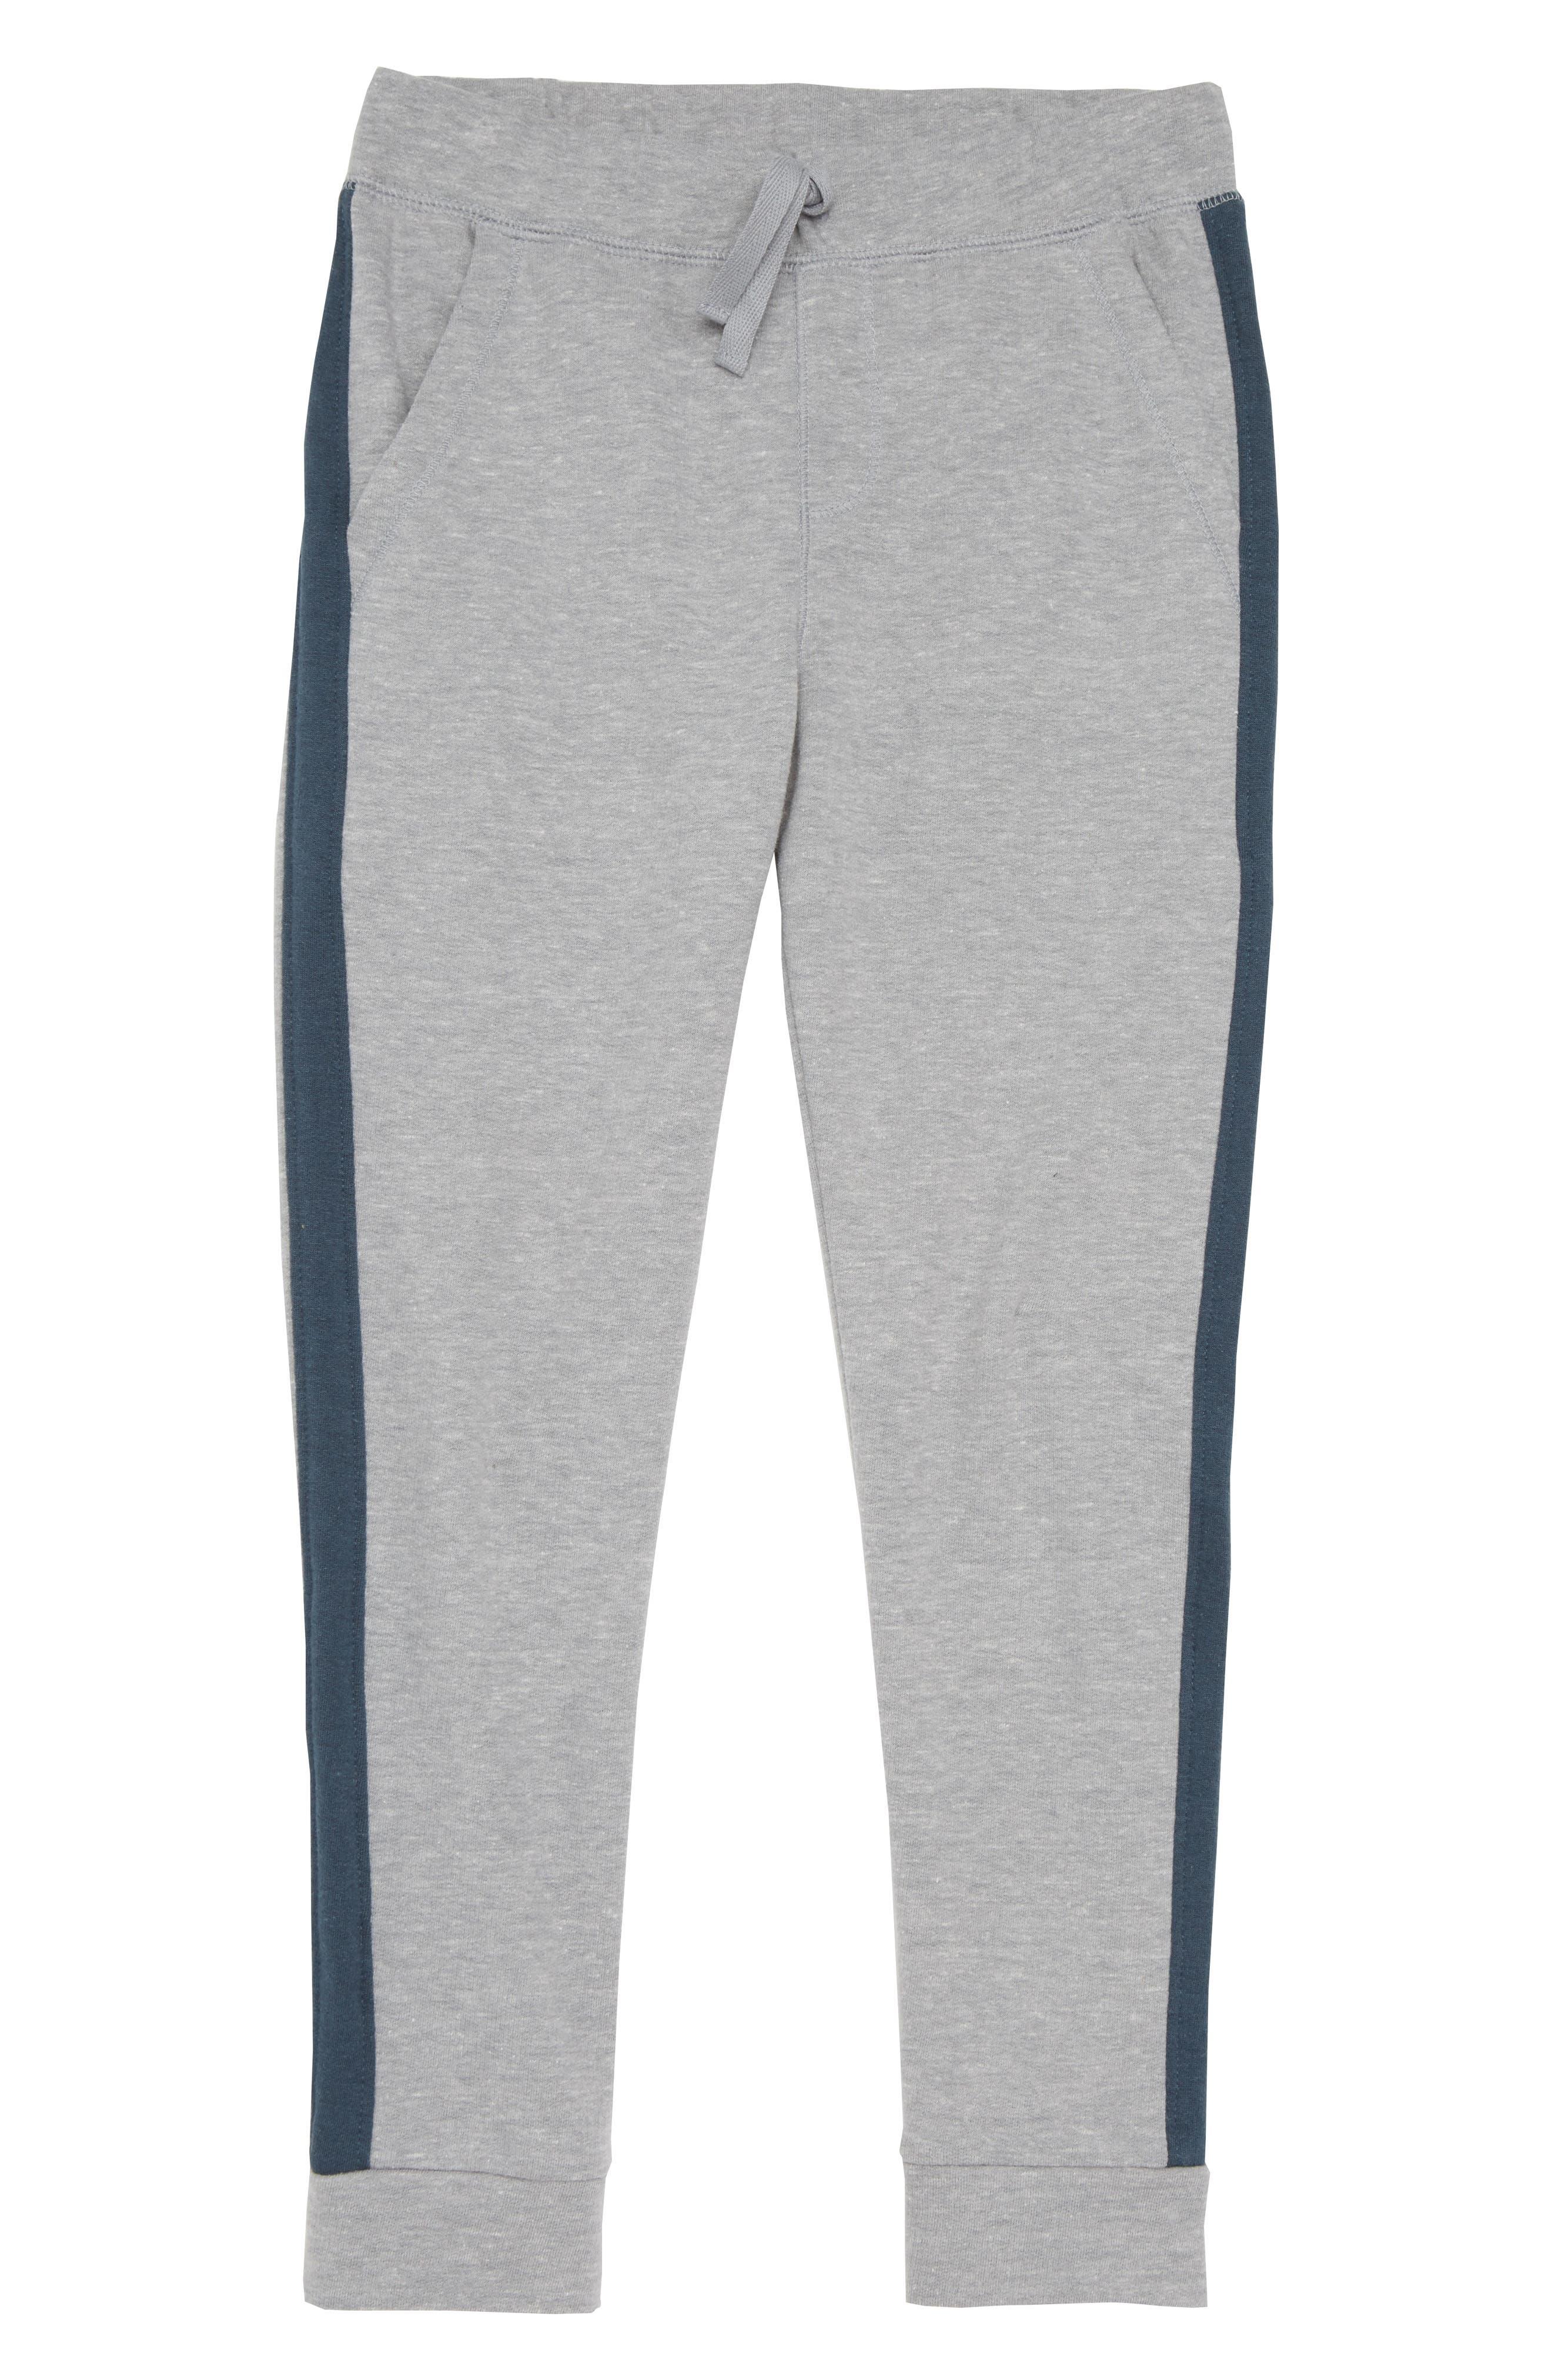 Varsity Fleece Jogger Pants,                             Main thumbnail 1, color,                             030